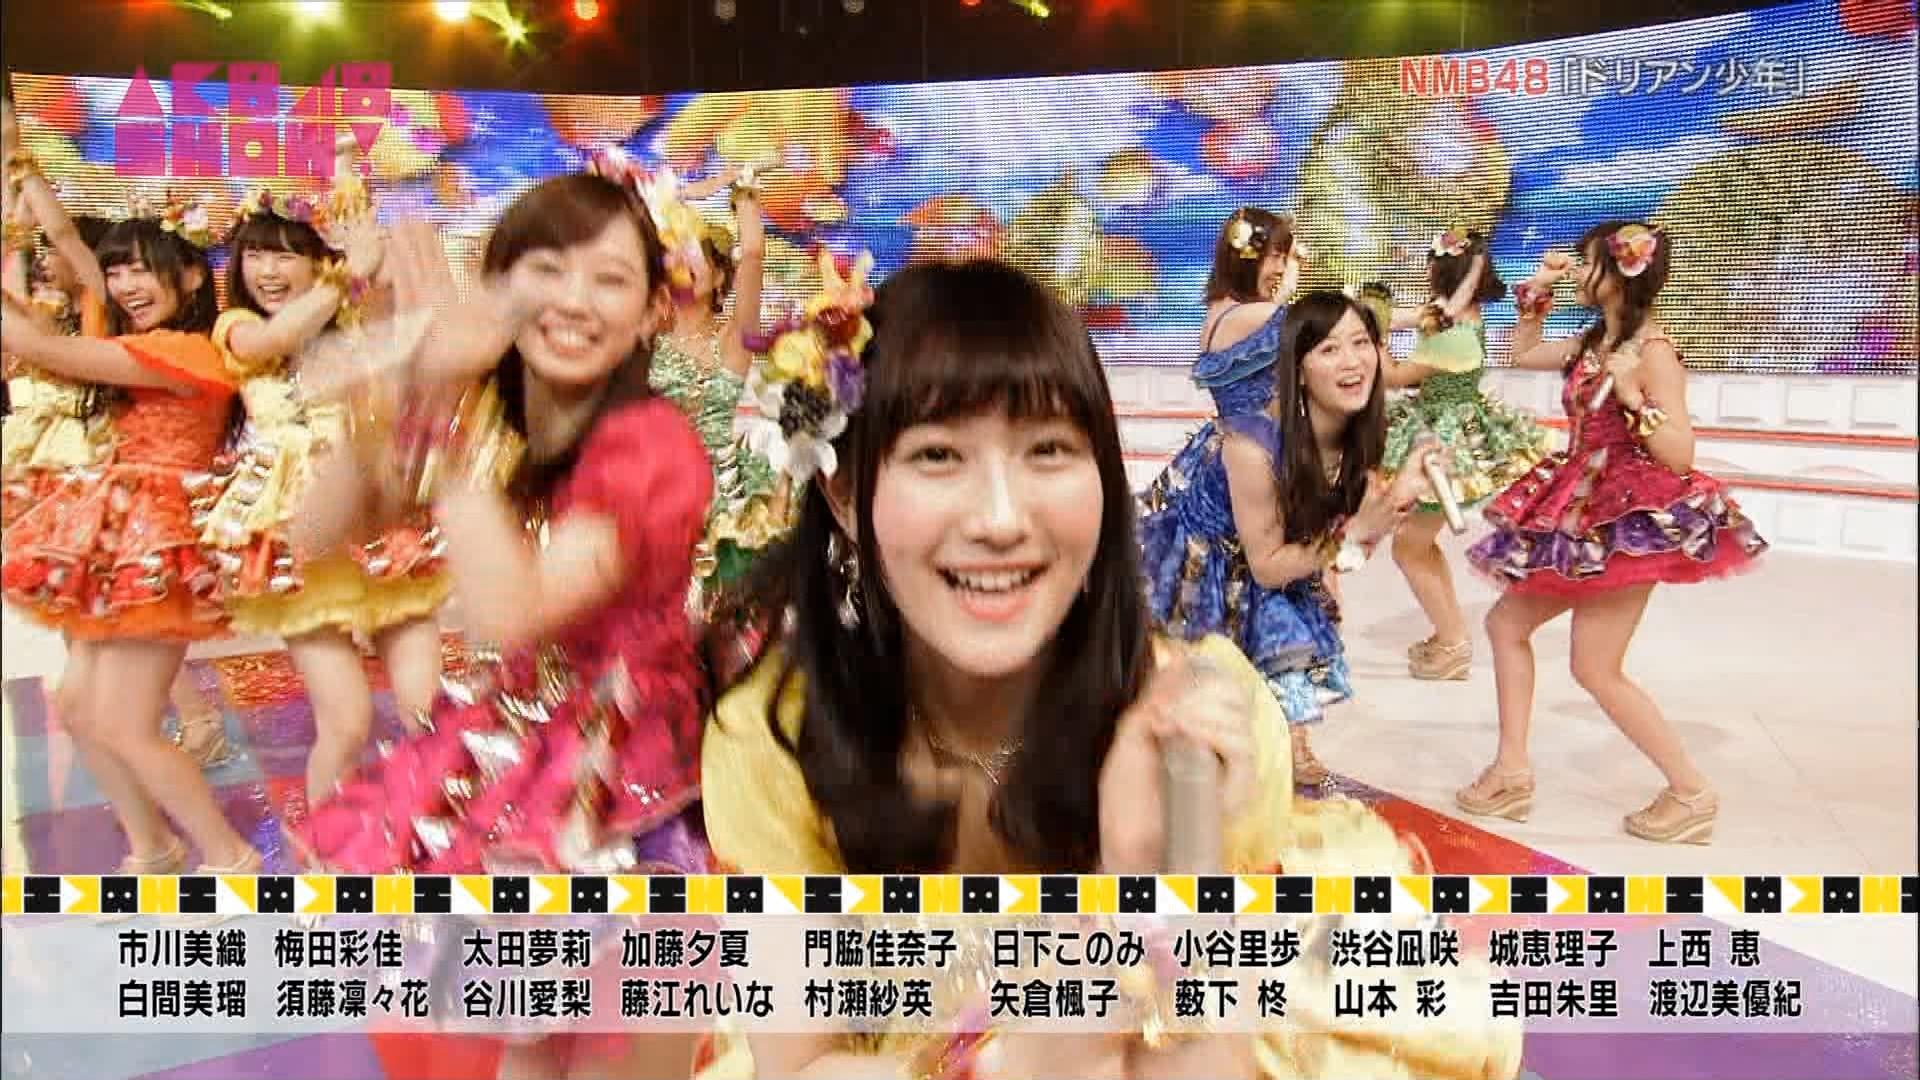 矢倉楓子 NMB48ドリアン少年 AKB48SHOW20150613 (5)